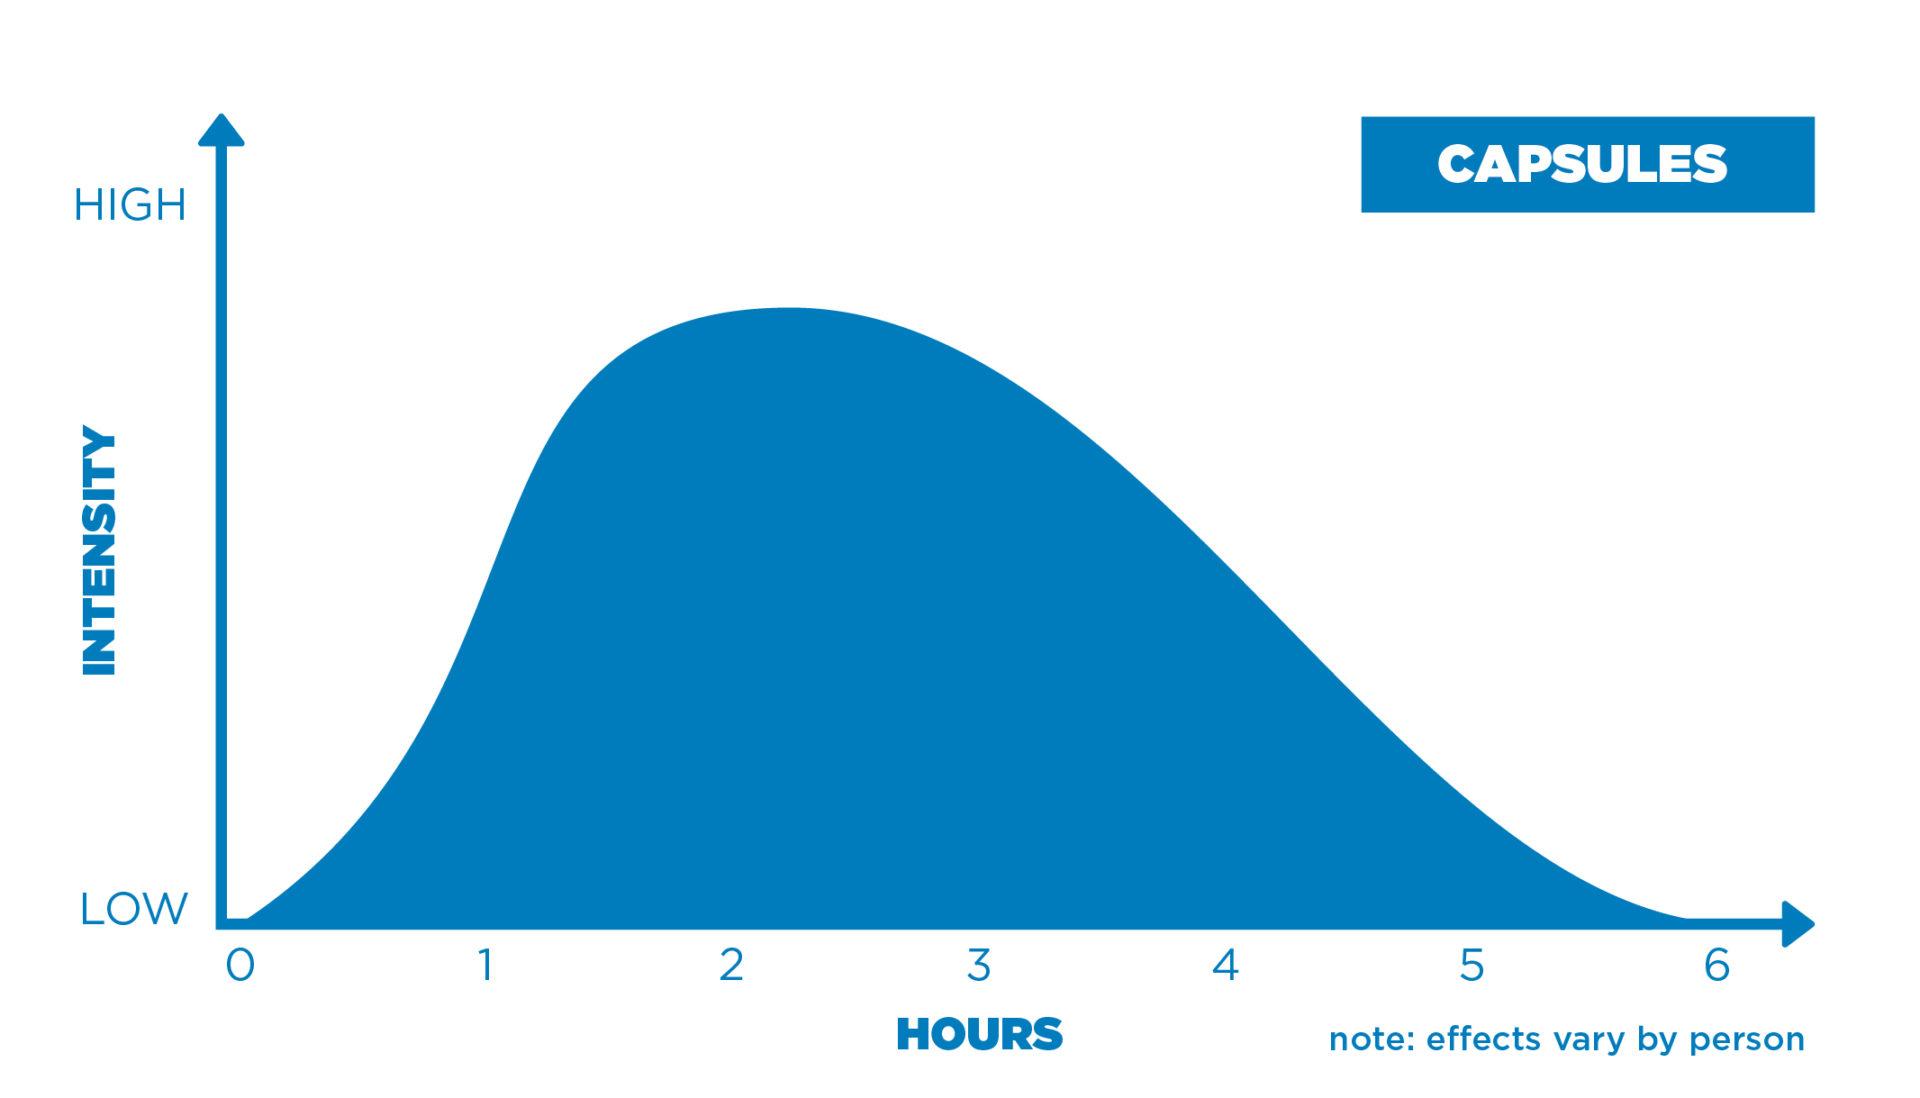 Capsule intensity chart